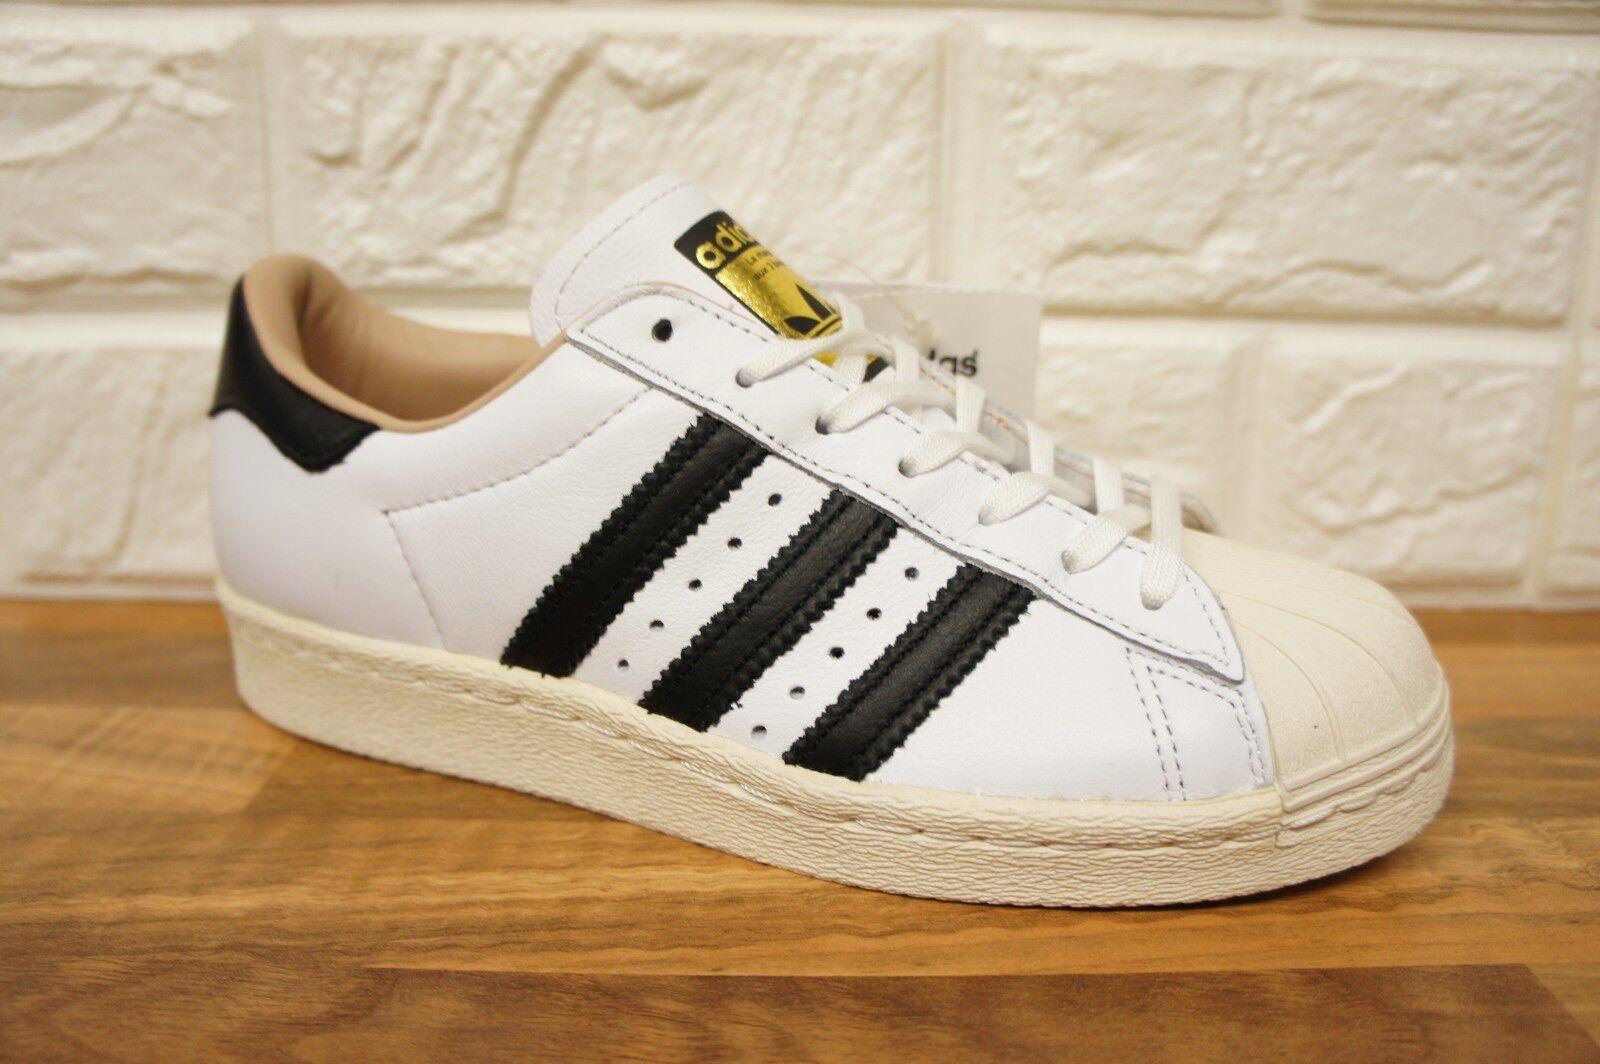 ADIDAS Superstar 80s Scarpe Misura 4 bianco nero pelle con tacco Scarpe Da Ginnastica BNWB Nuovo